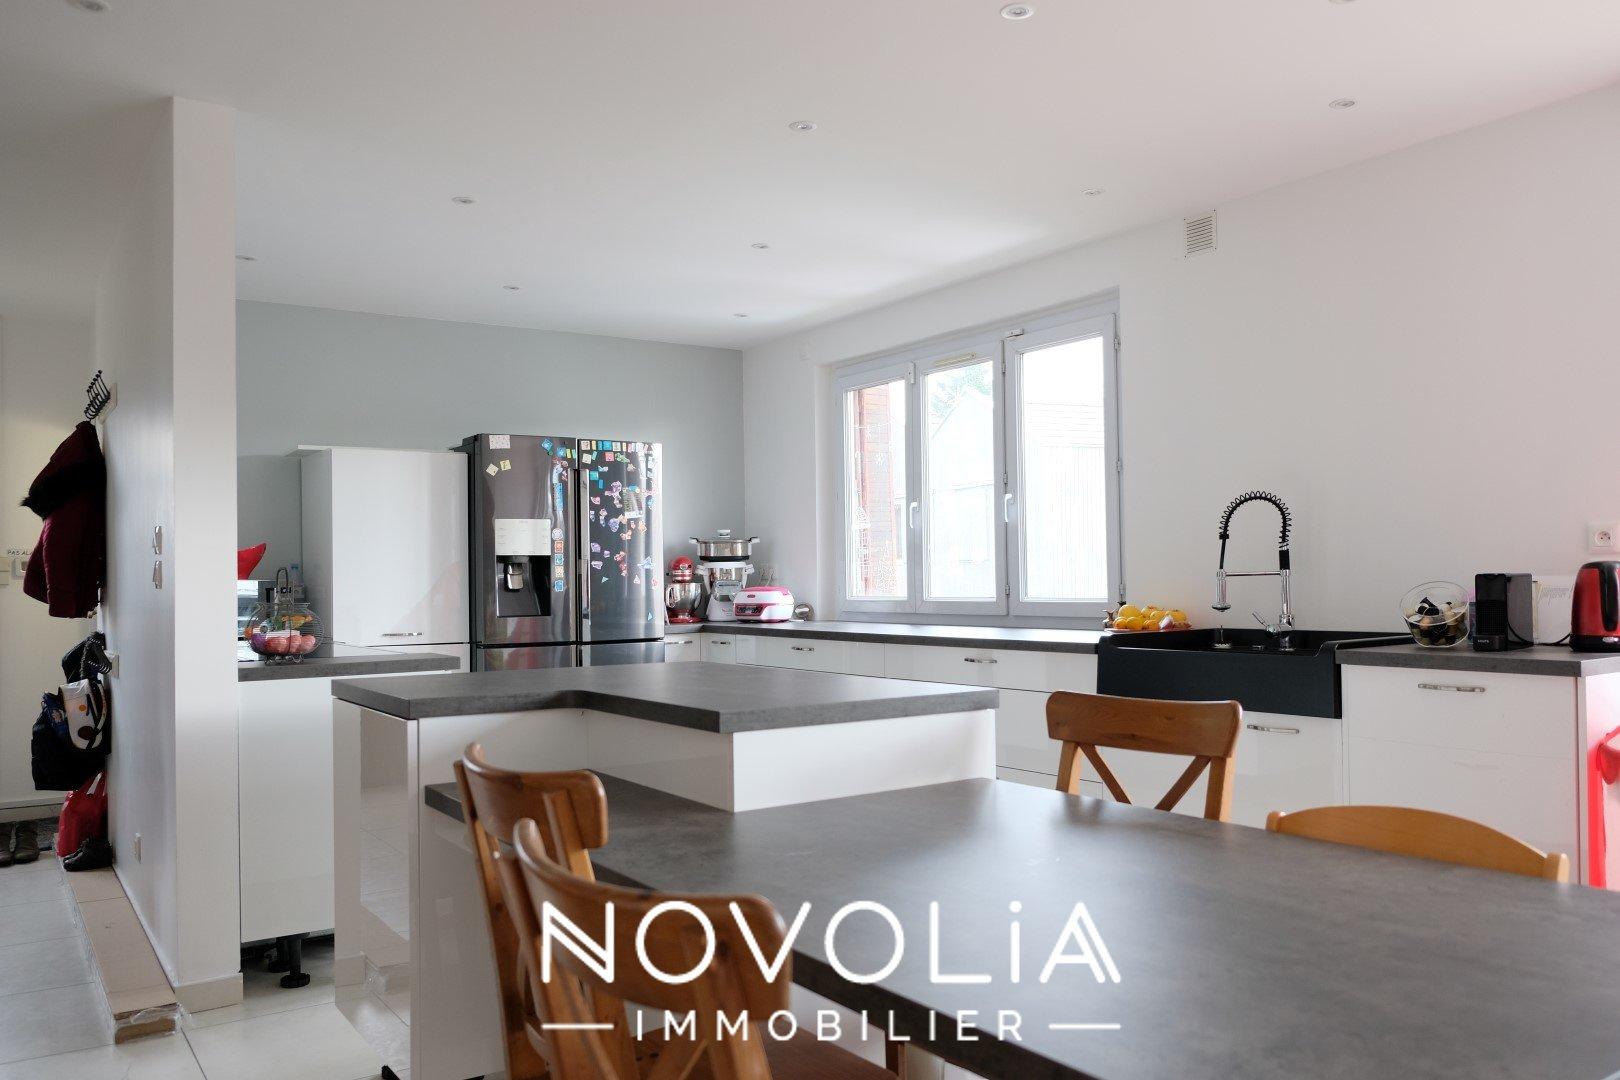 Achat Maison Surface de 246 m², 6 pièces, Rillieux-la-Pape (69140)